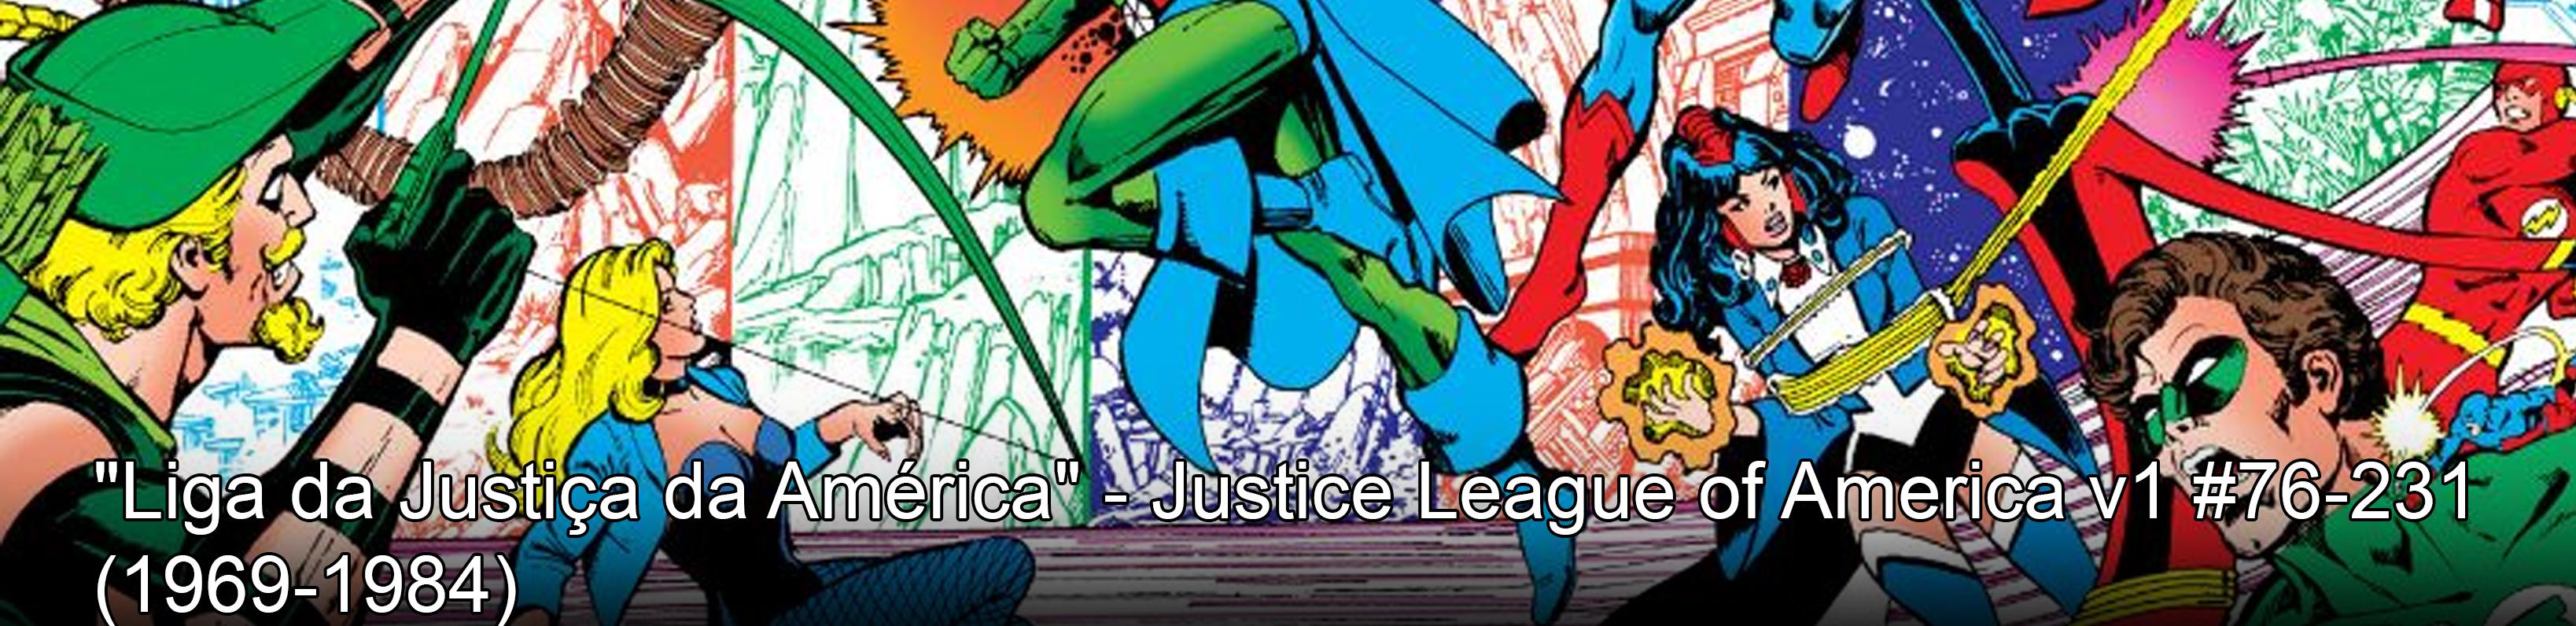 02 - justice league